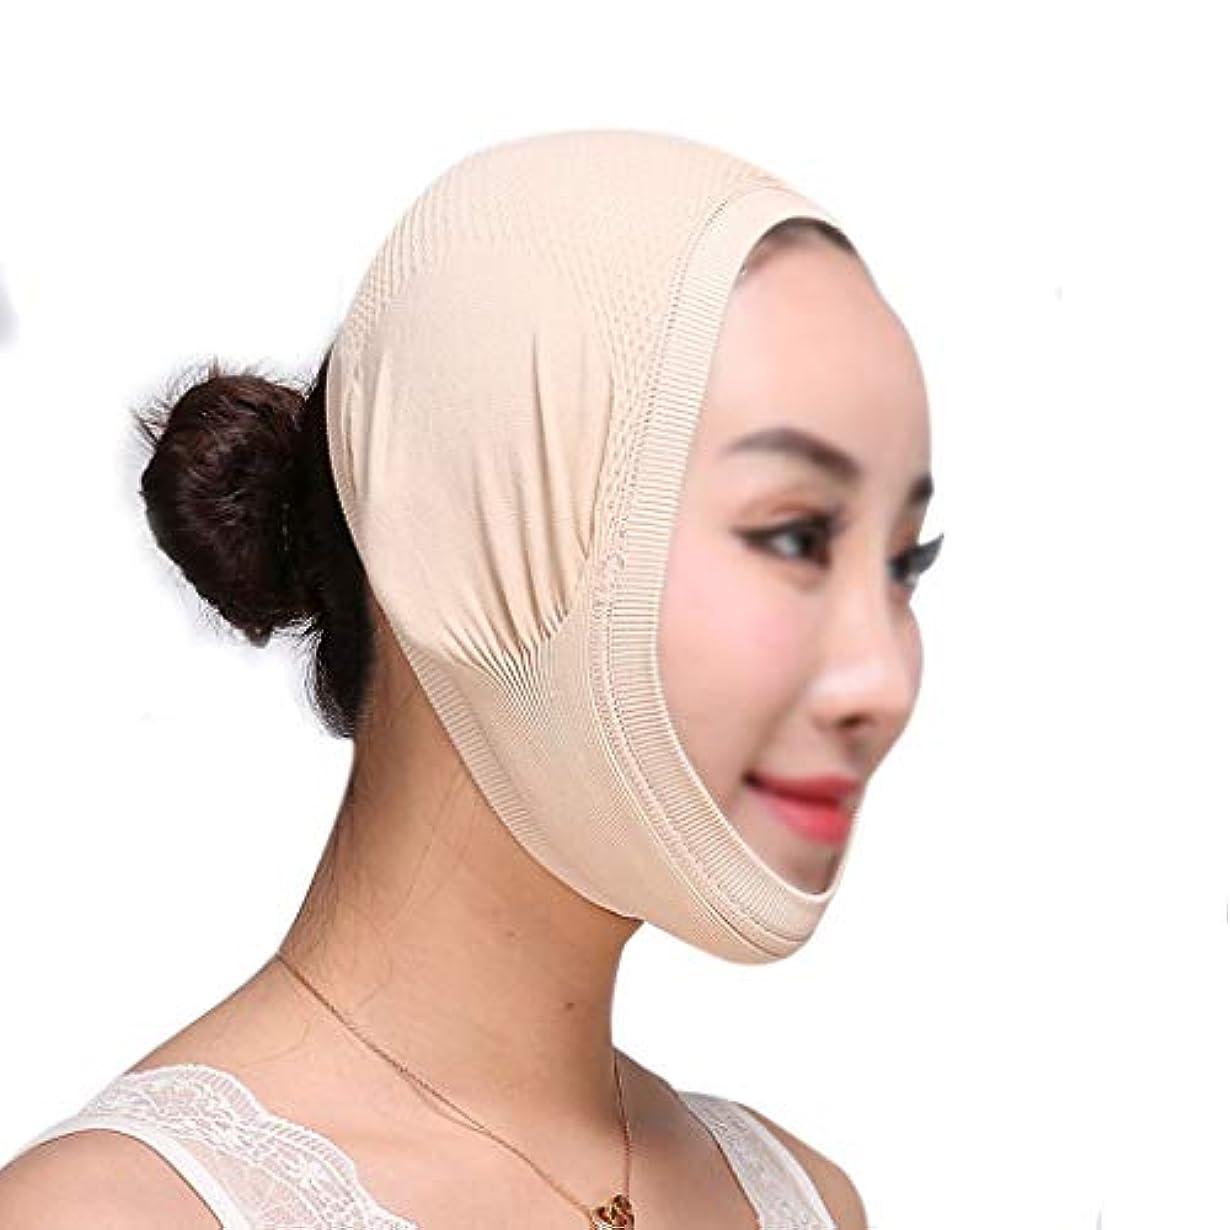 センブランスバリー無効MLX V顔リフティング包帯薄いフェイスマスクを眠っている整形手術病院ライン彫刻術後回復ヘッドギア医療マスク (Color : Skin tone(B))